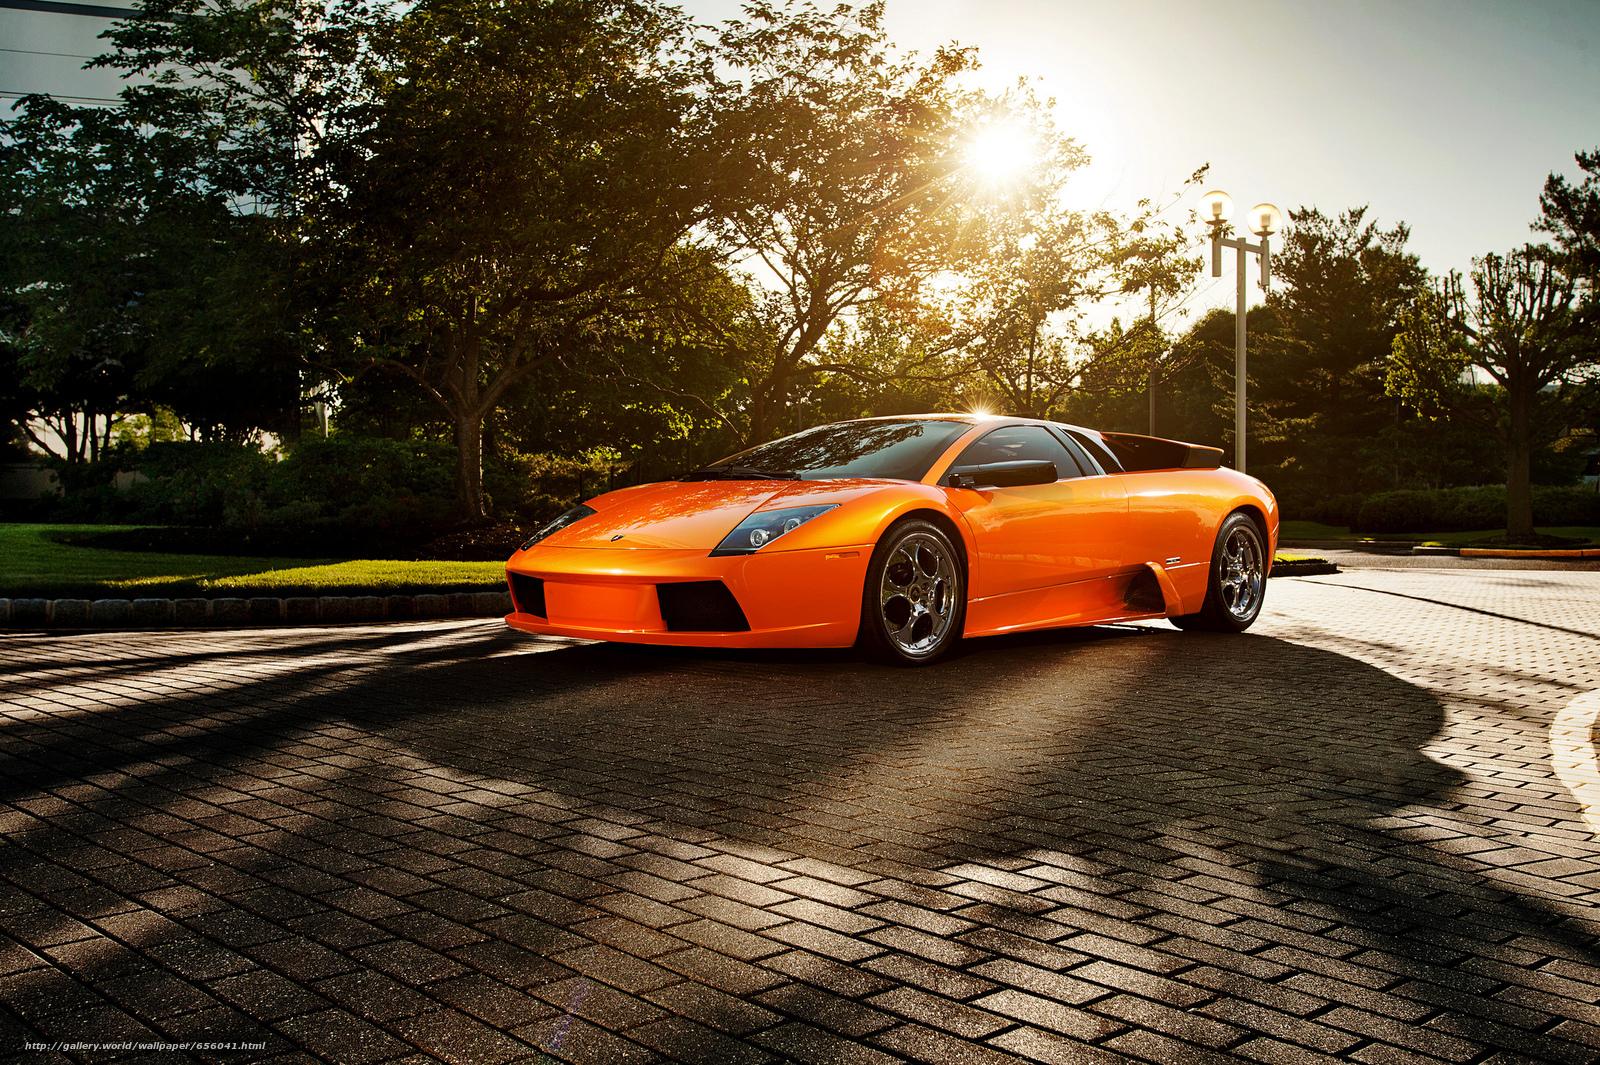 Скачать обои Lamborghini,  машина,  автомобиль бесплатно для рабочего стола в разрешении 2048x1363 — картинка №656041